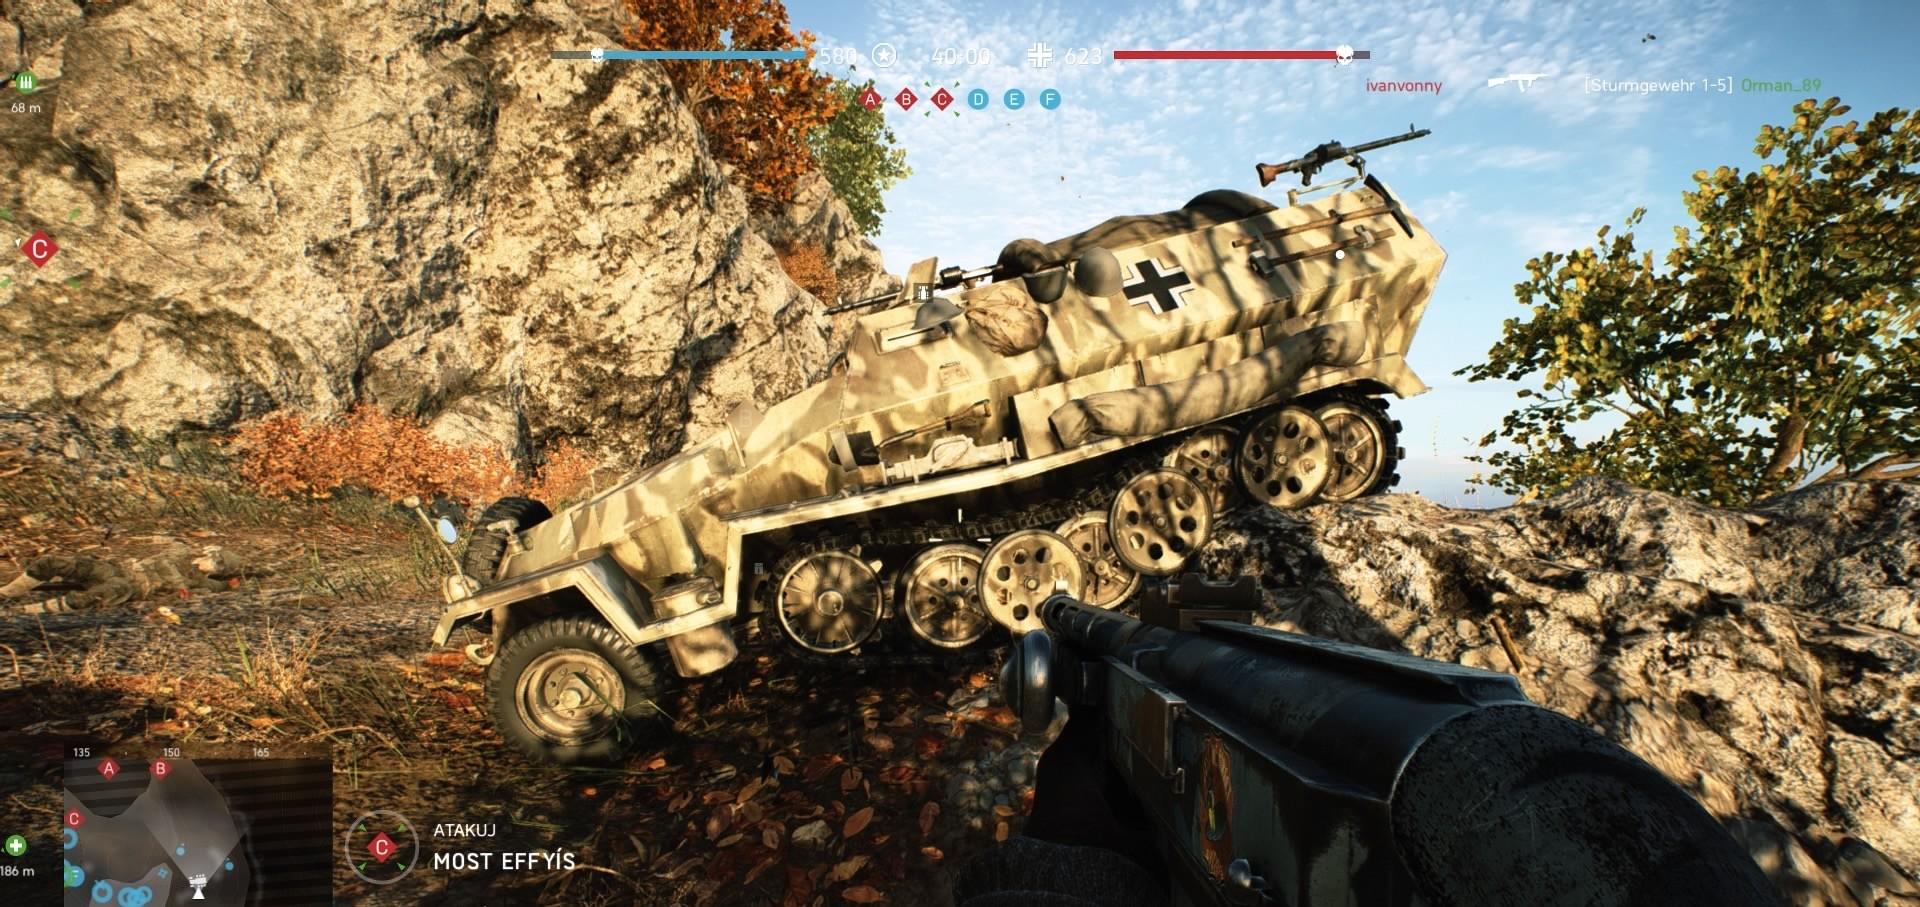 Marita Battlefield V.-rako mapa berria da. Ez nuke hori sufritu behar, baina jokoko bigarren arena da